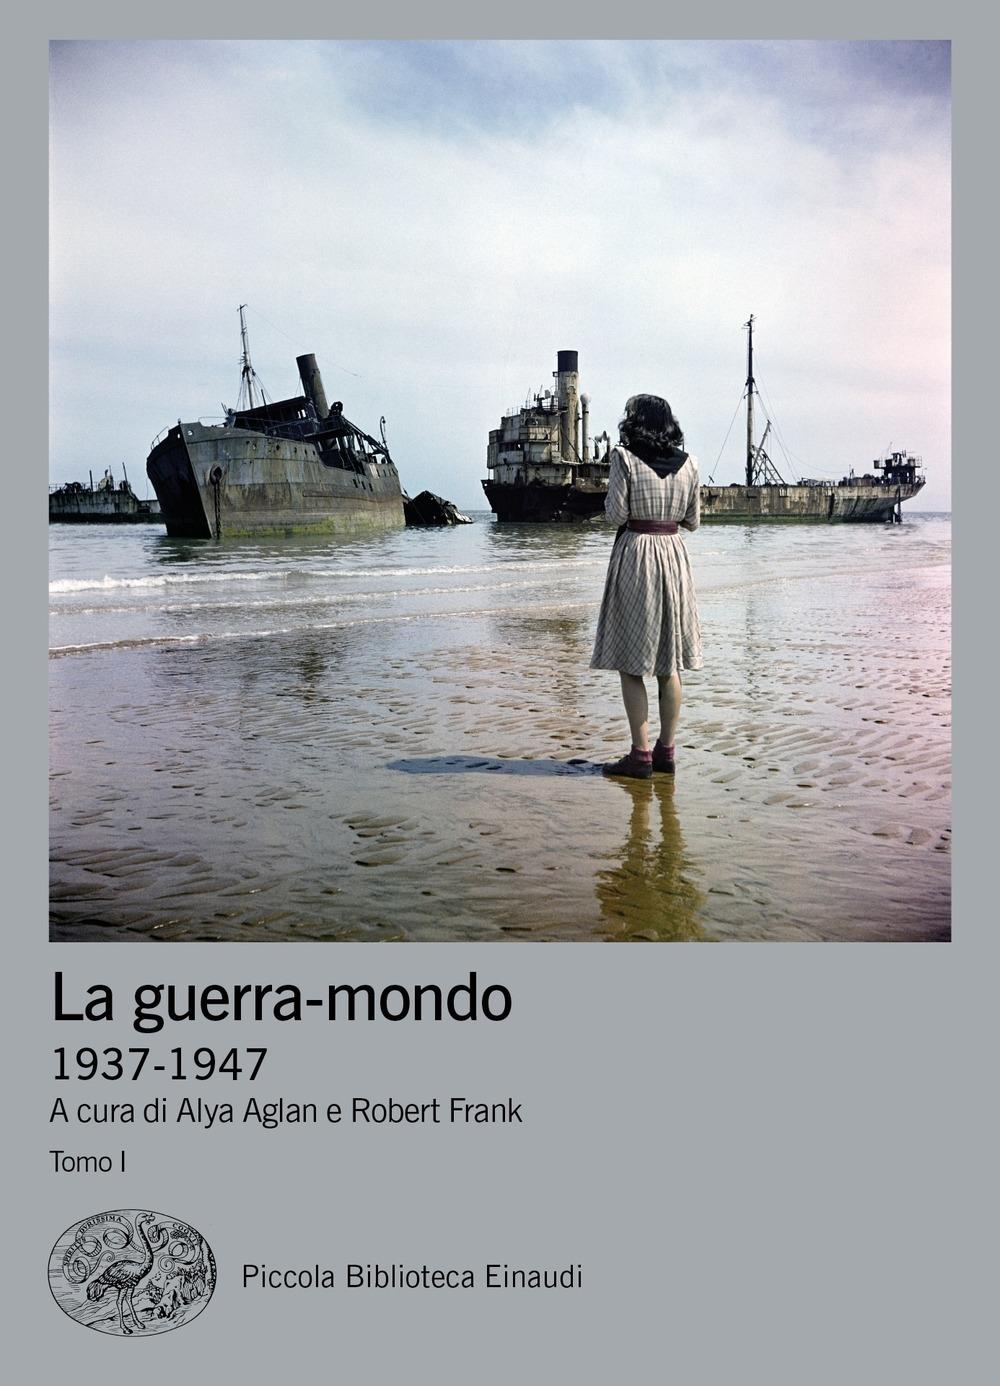 La guerra-mondo (1937-1947)